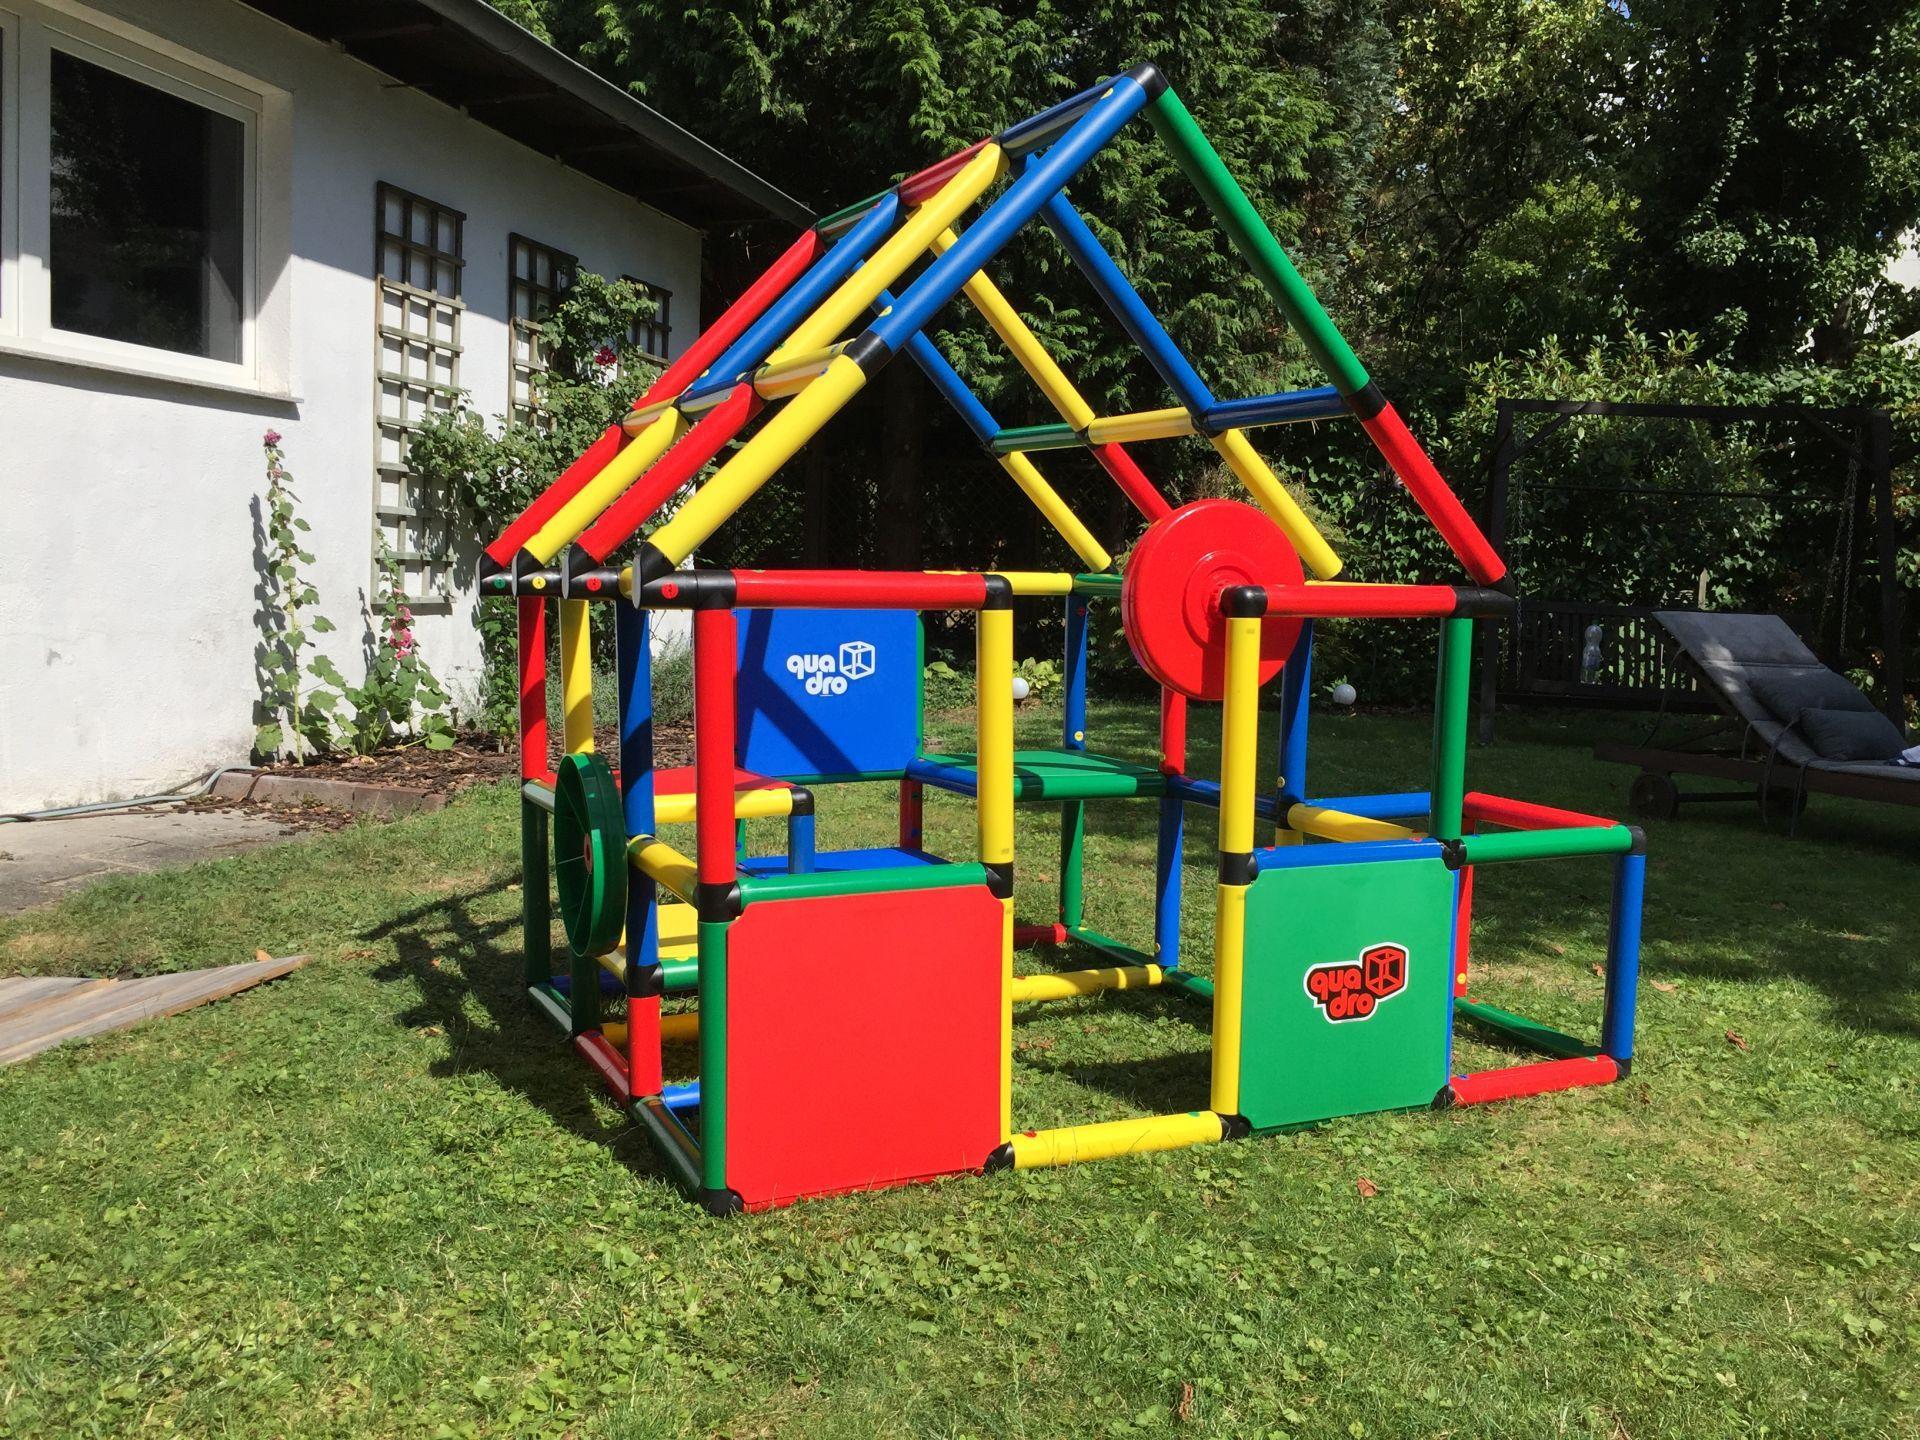 Full Size of Quadro Klettergerüst Das Bauen Mit Dem Klettergerst Macht Einfach Spa Garten Wohnzimmer Quadro Klettergerüst